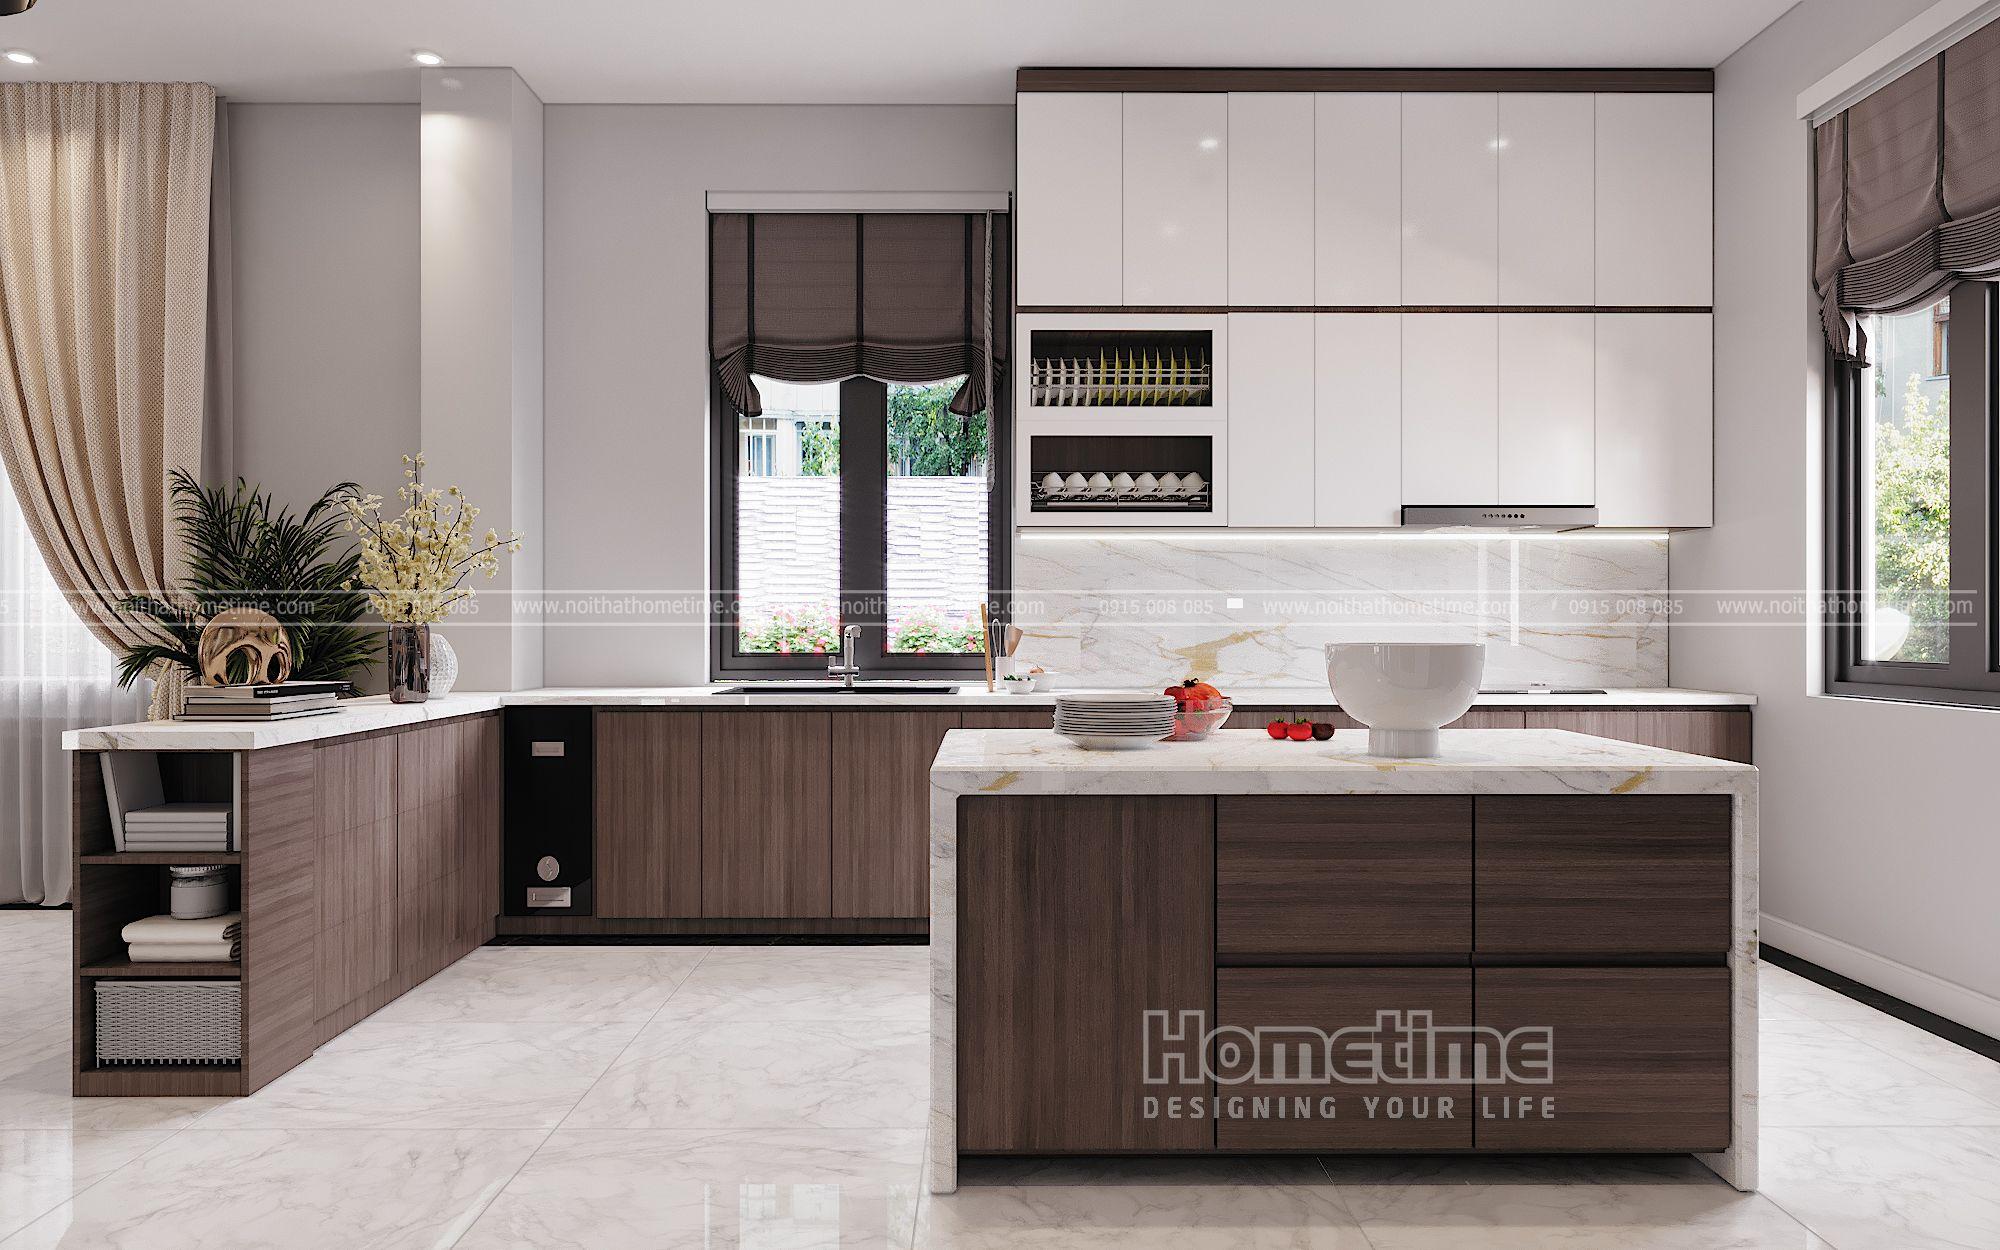 Thiết kế nội thất tủ bếp biệt thự Vinhomes Marina Hải Phòng